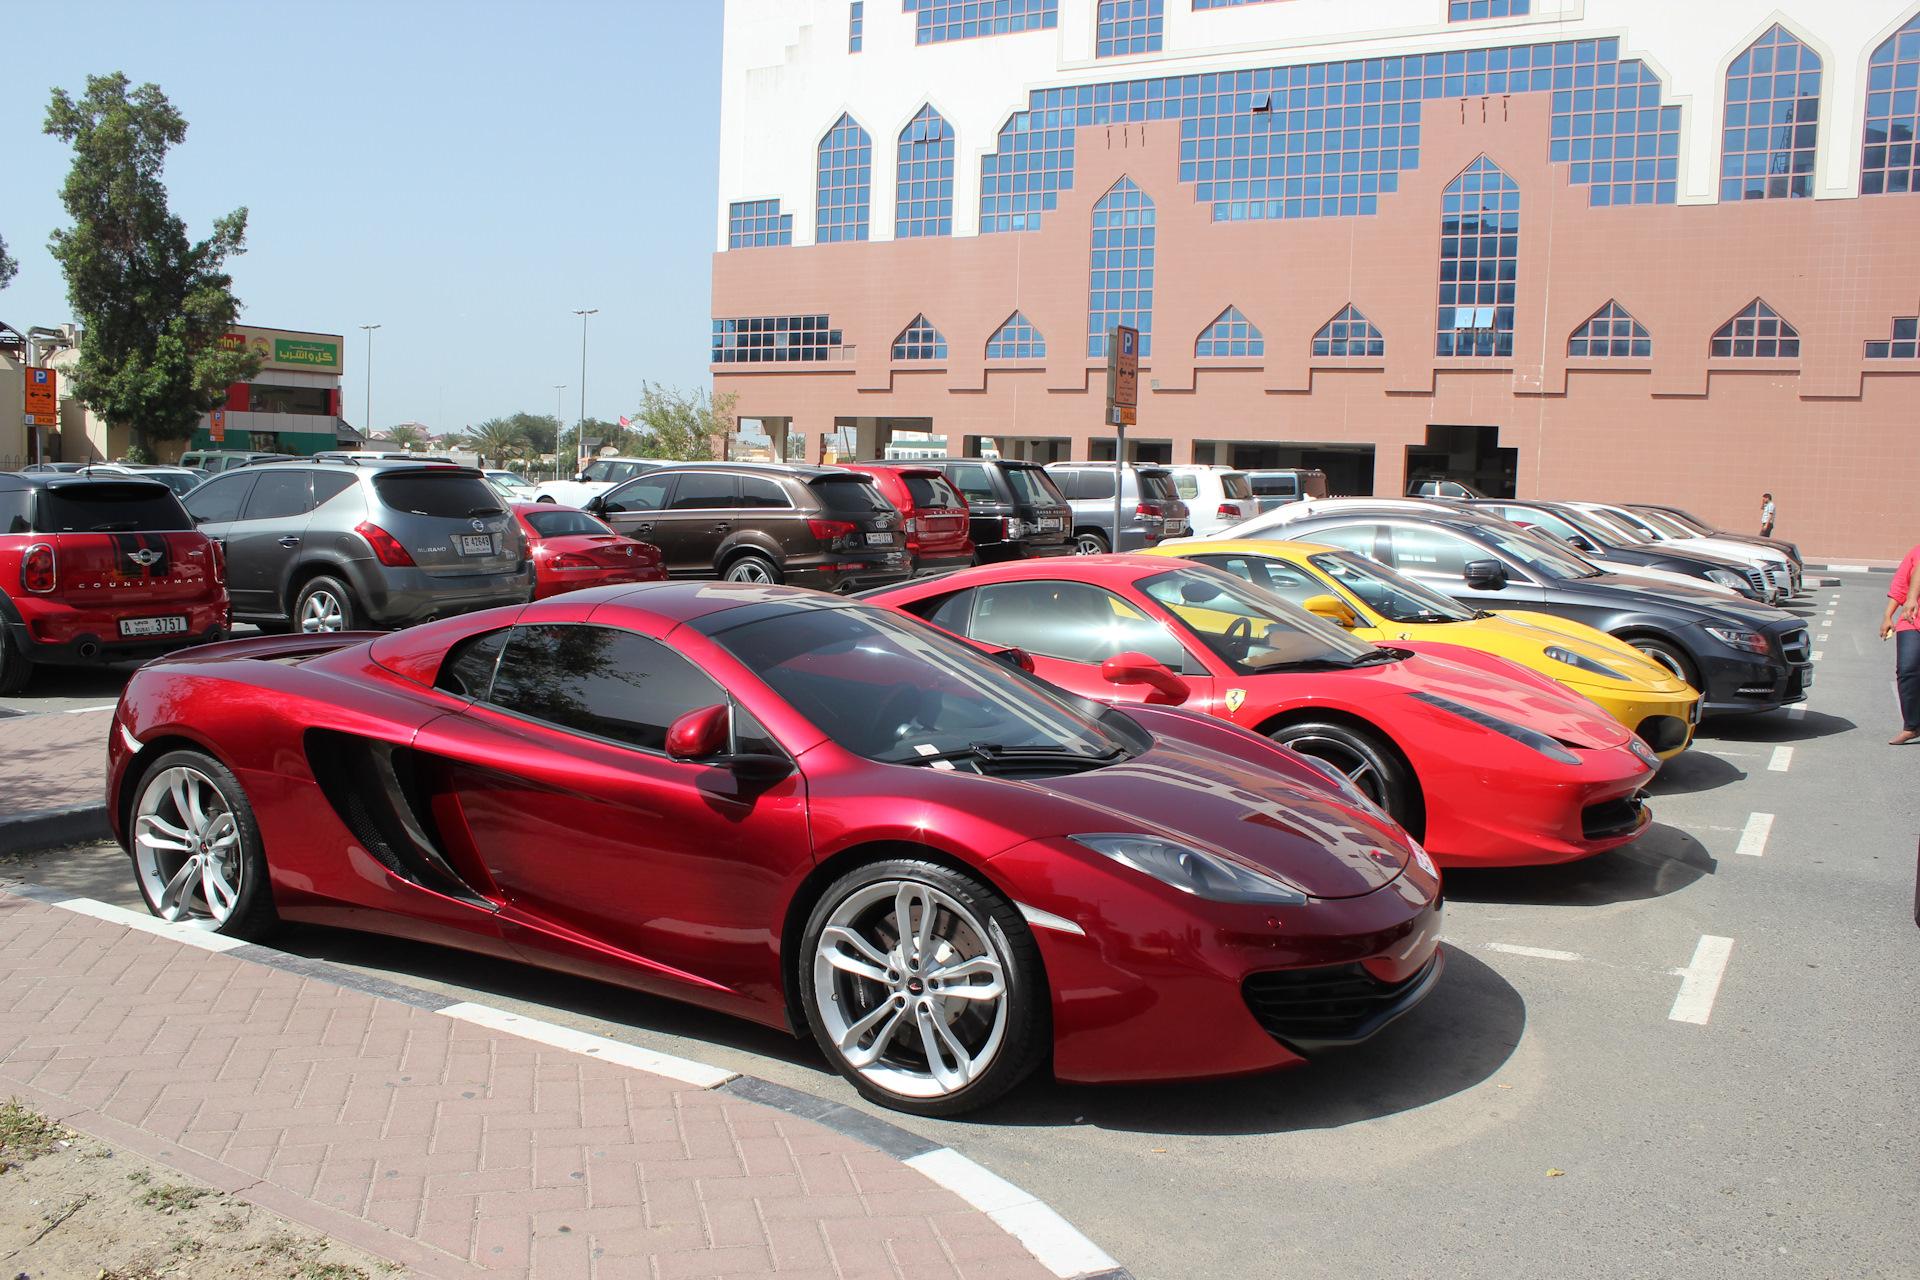 Фото авто в Дубае